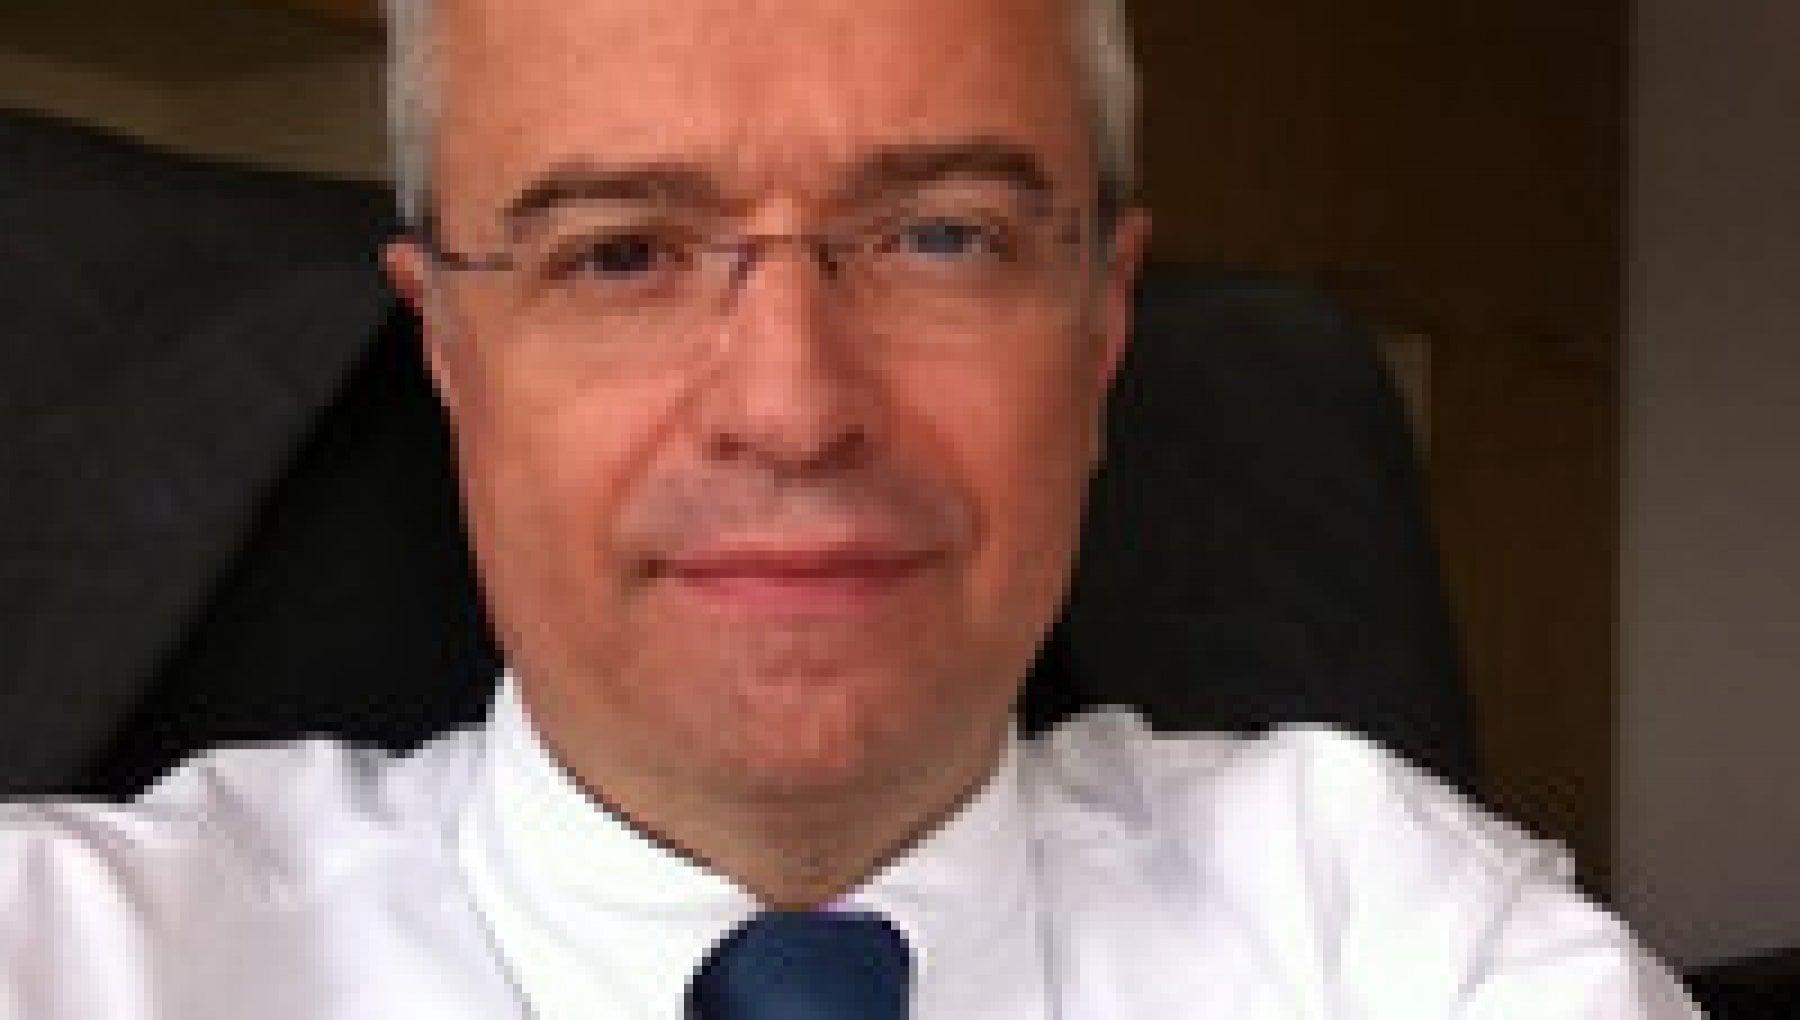 171411097 f3873831 7b3f 4190 b7e3 fc0ded5427ca - Segnale distensivo dalla Turchia: è un uomo del dialogo il nuovo ambasciatore a Roma